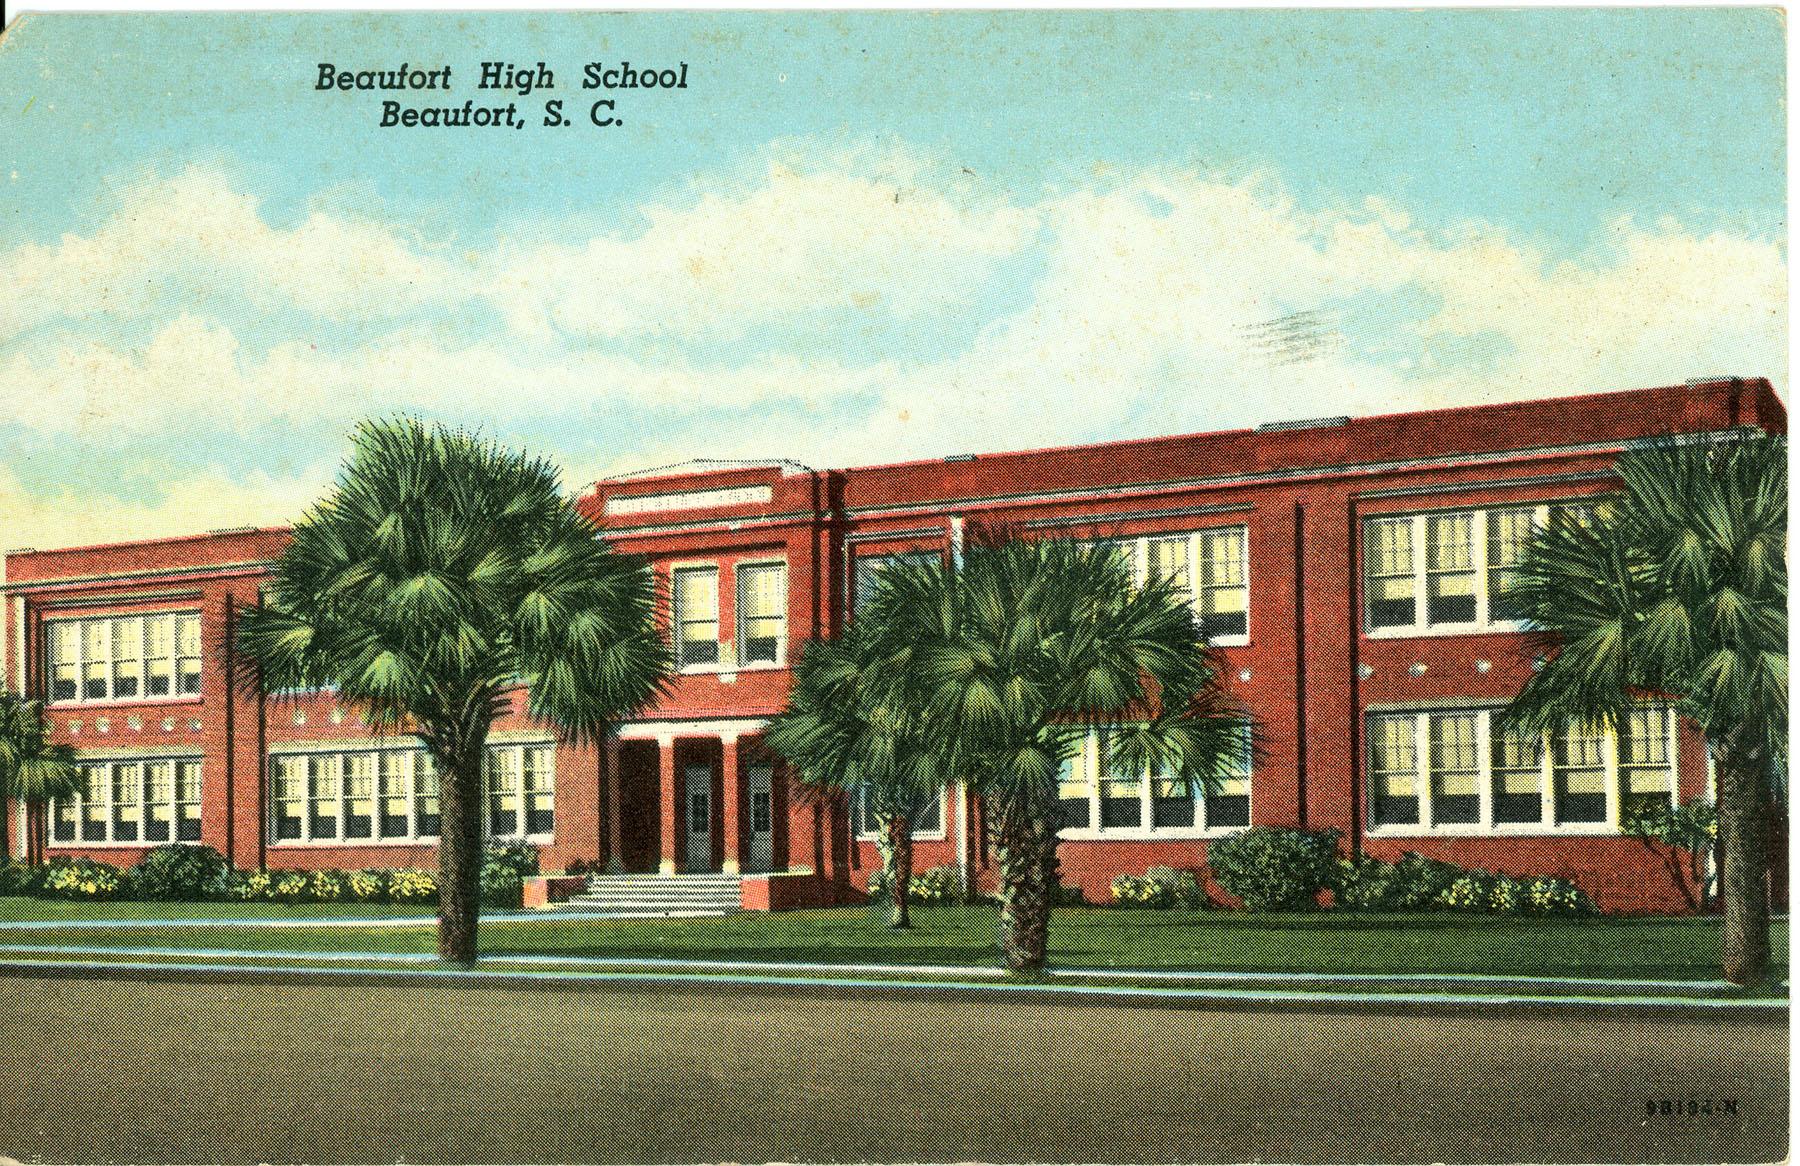 Beaufort High School, Beaufort, South Carolina